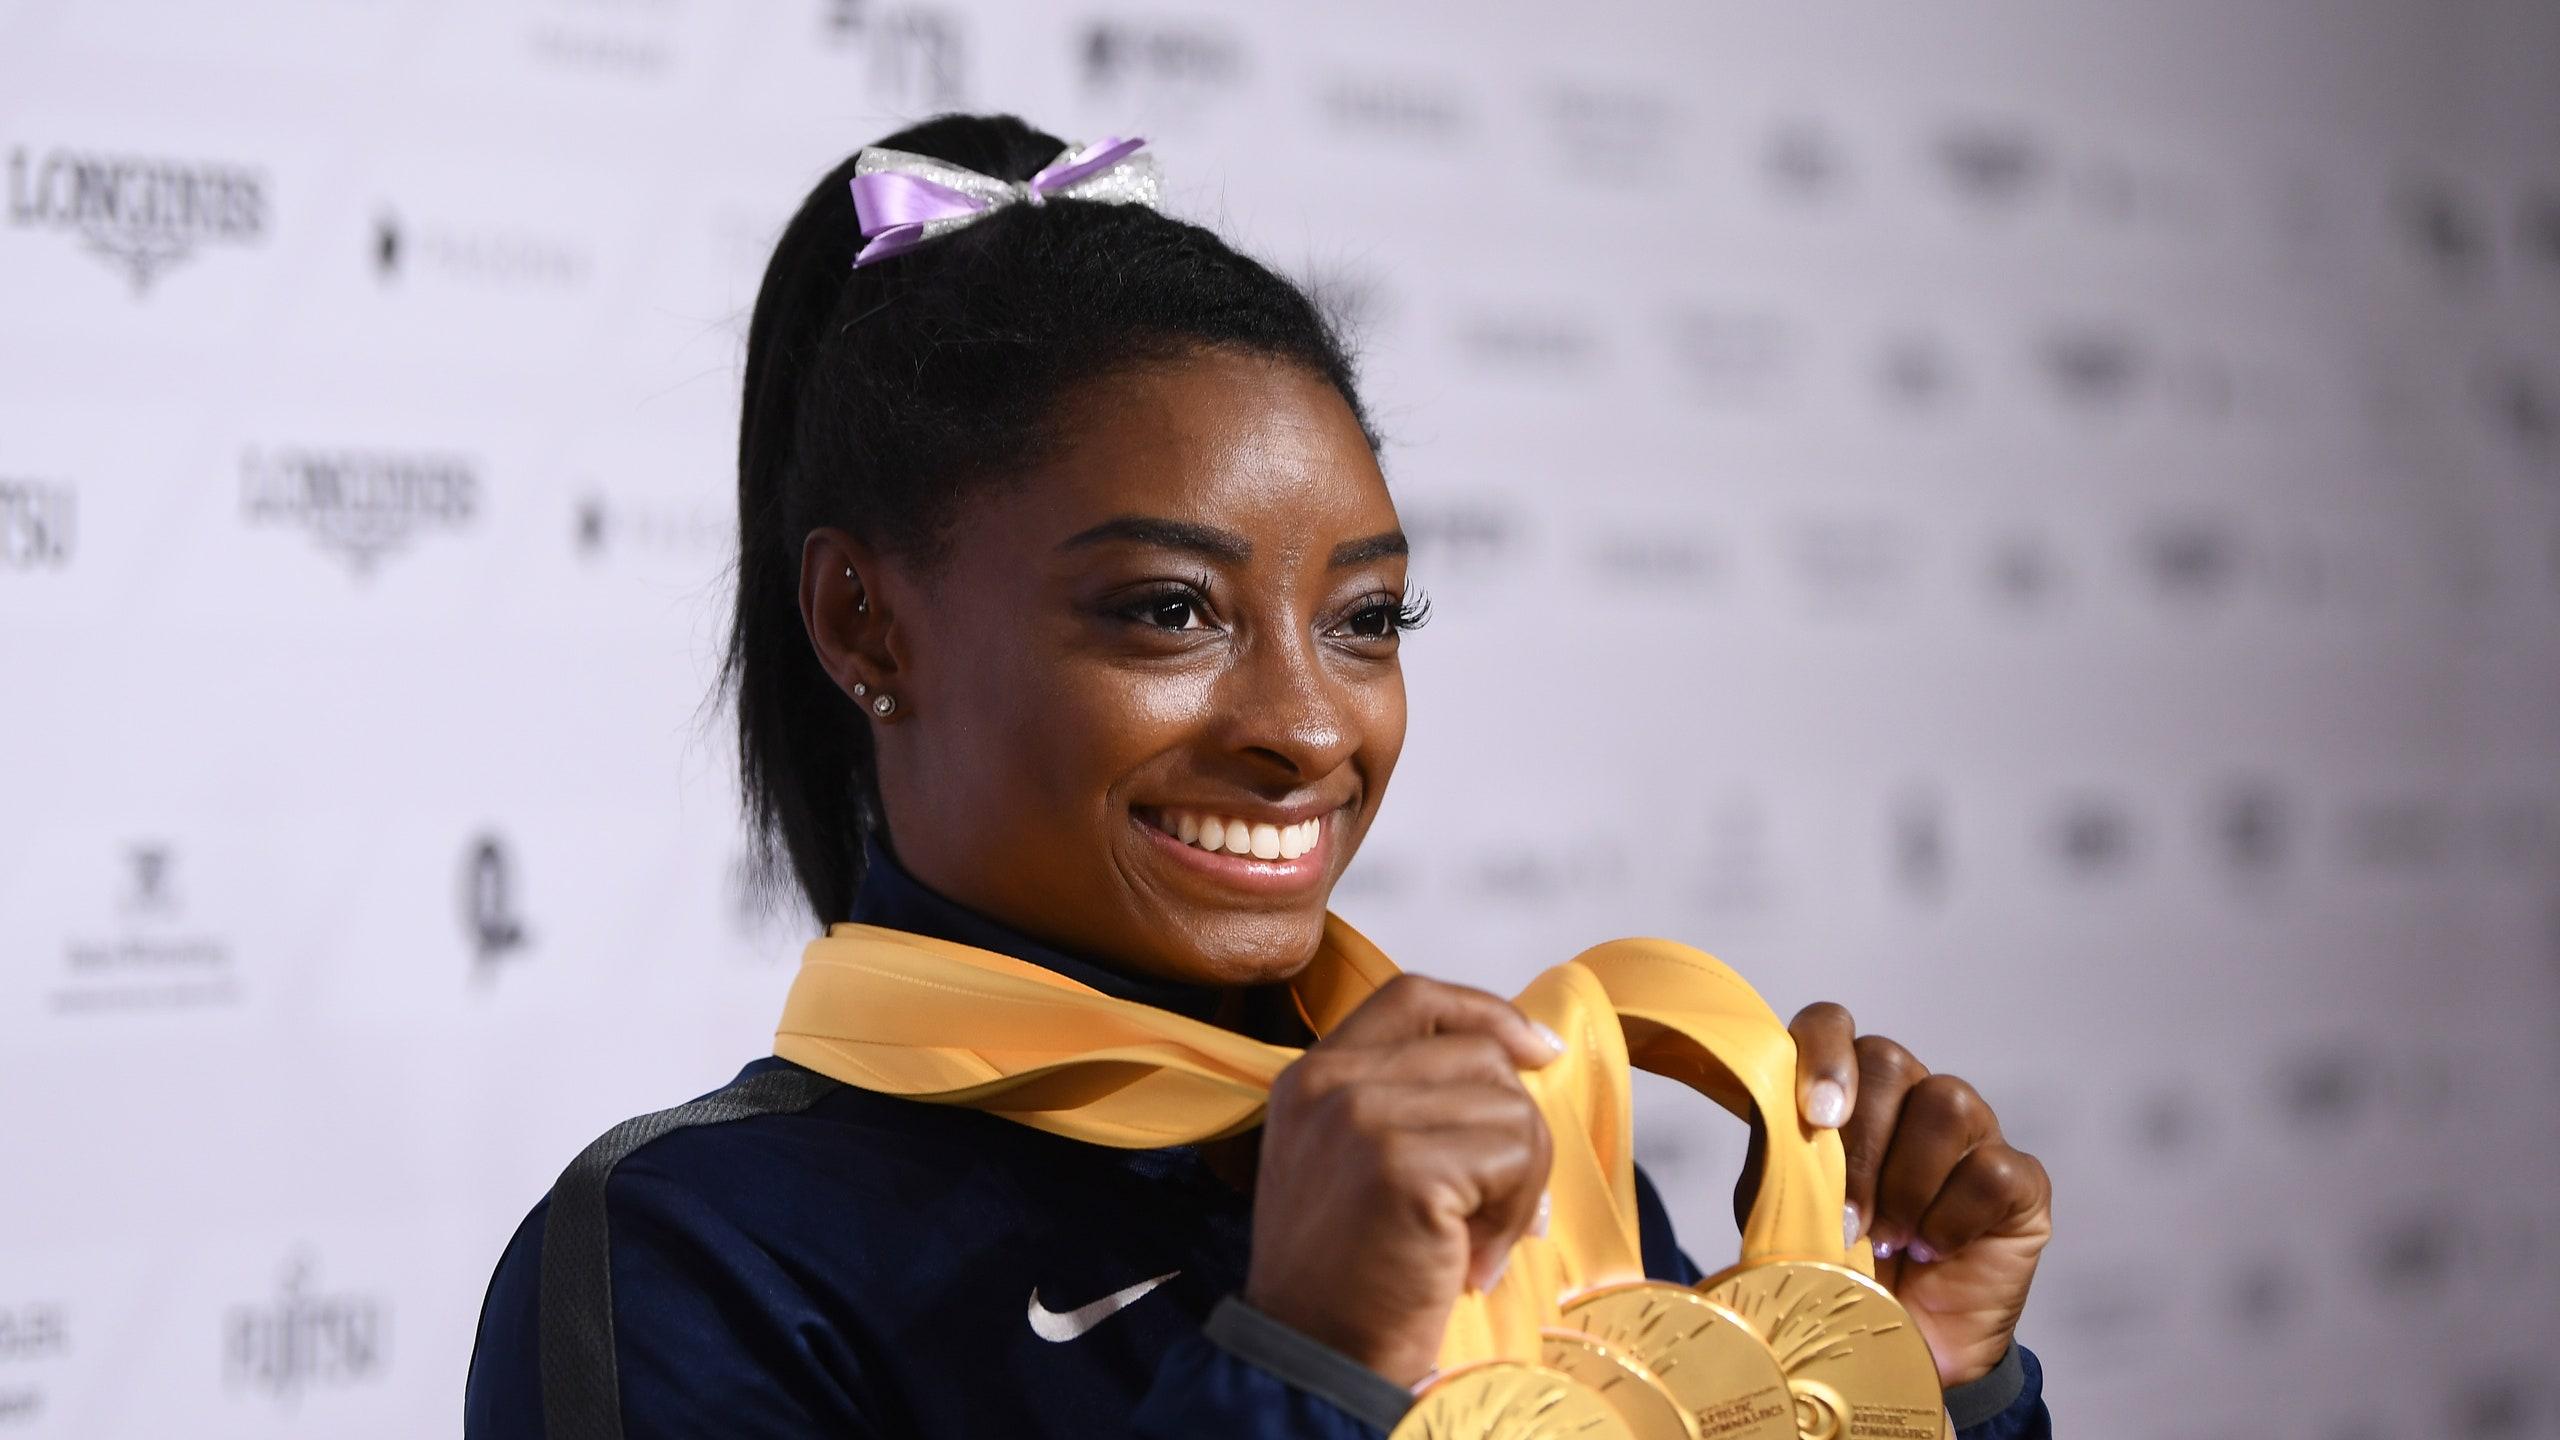 Simone Biles membuang Nike untuk merek Athleta milik Gap